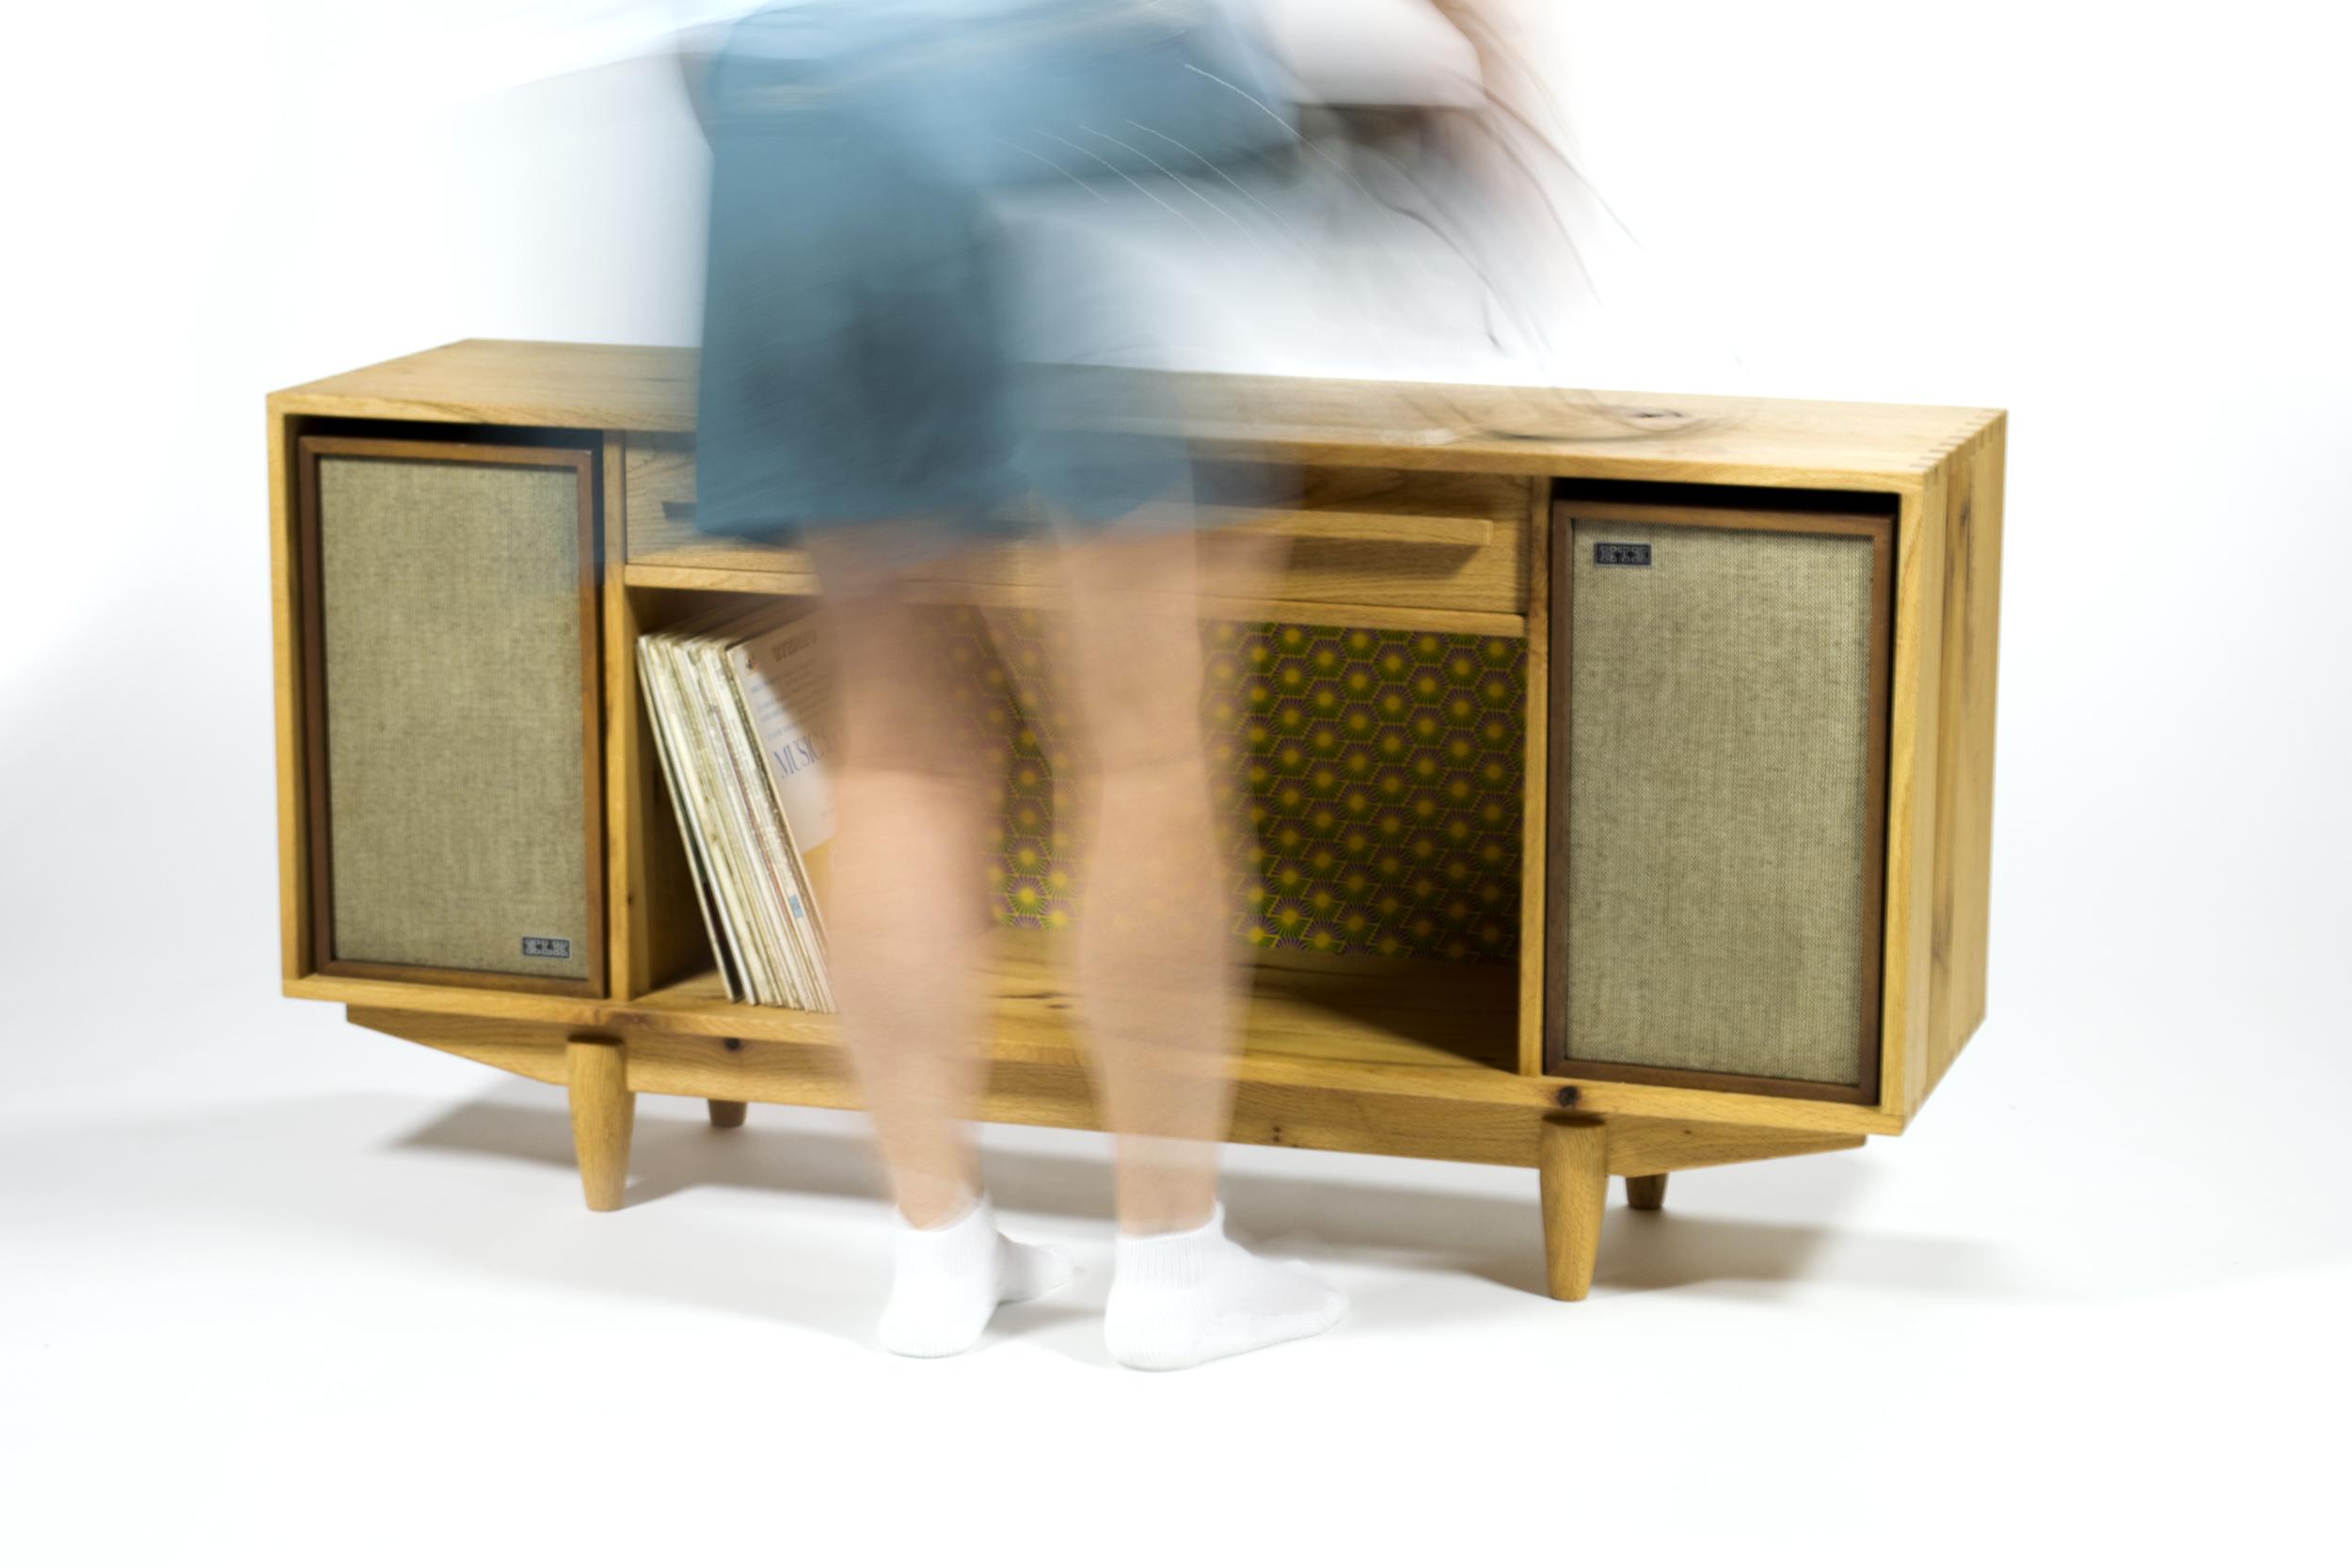 radiocabint+mom.jpg